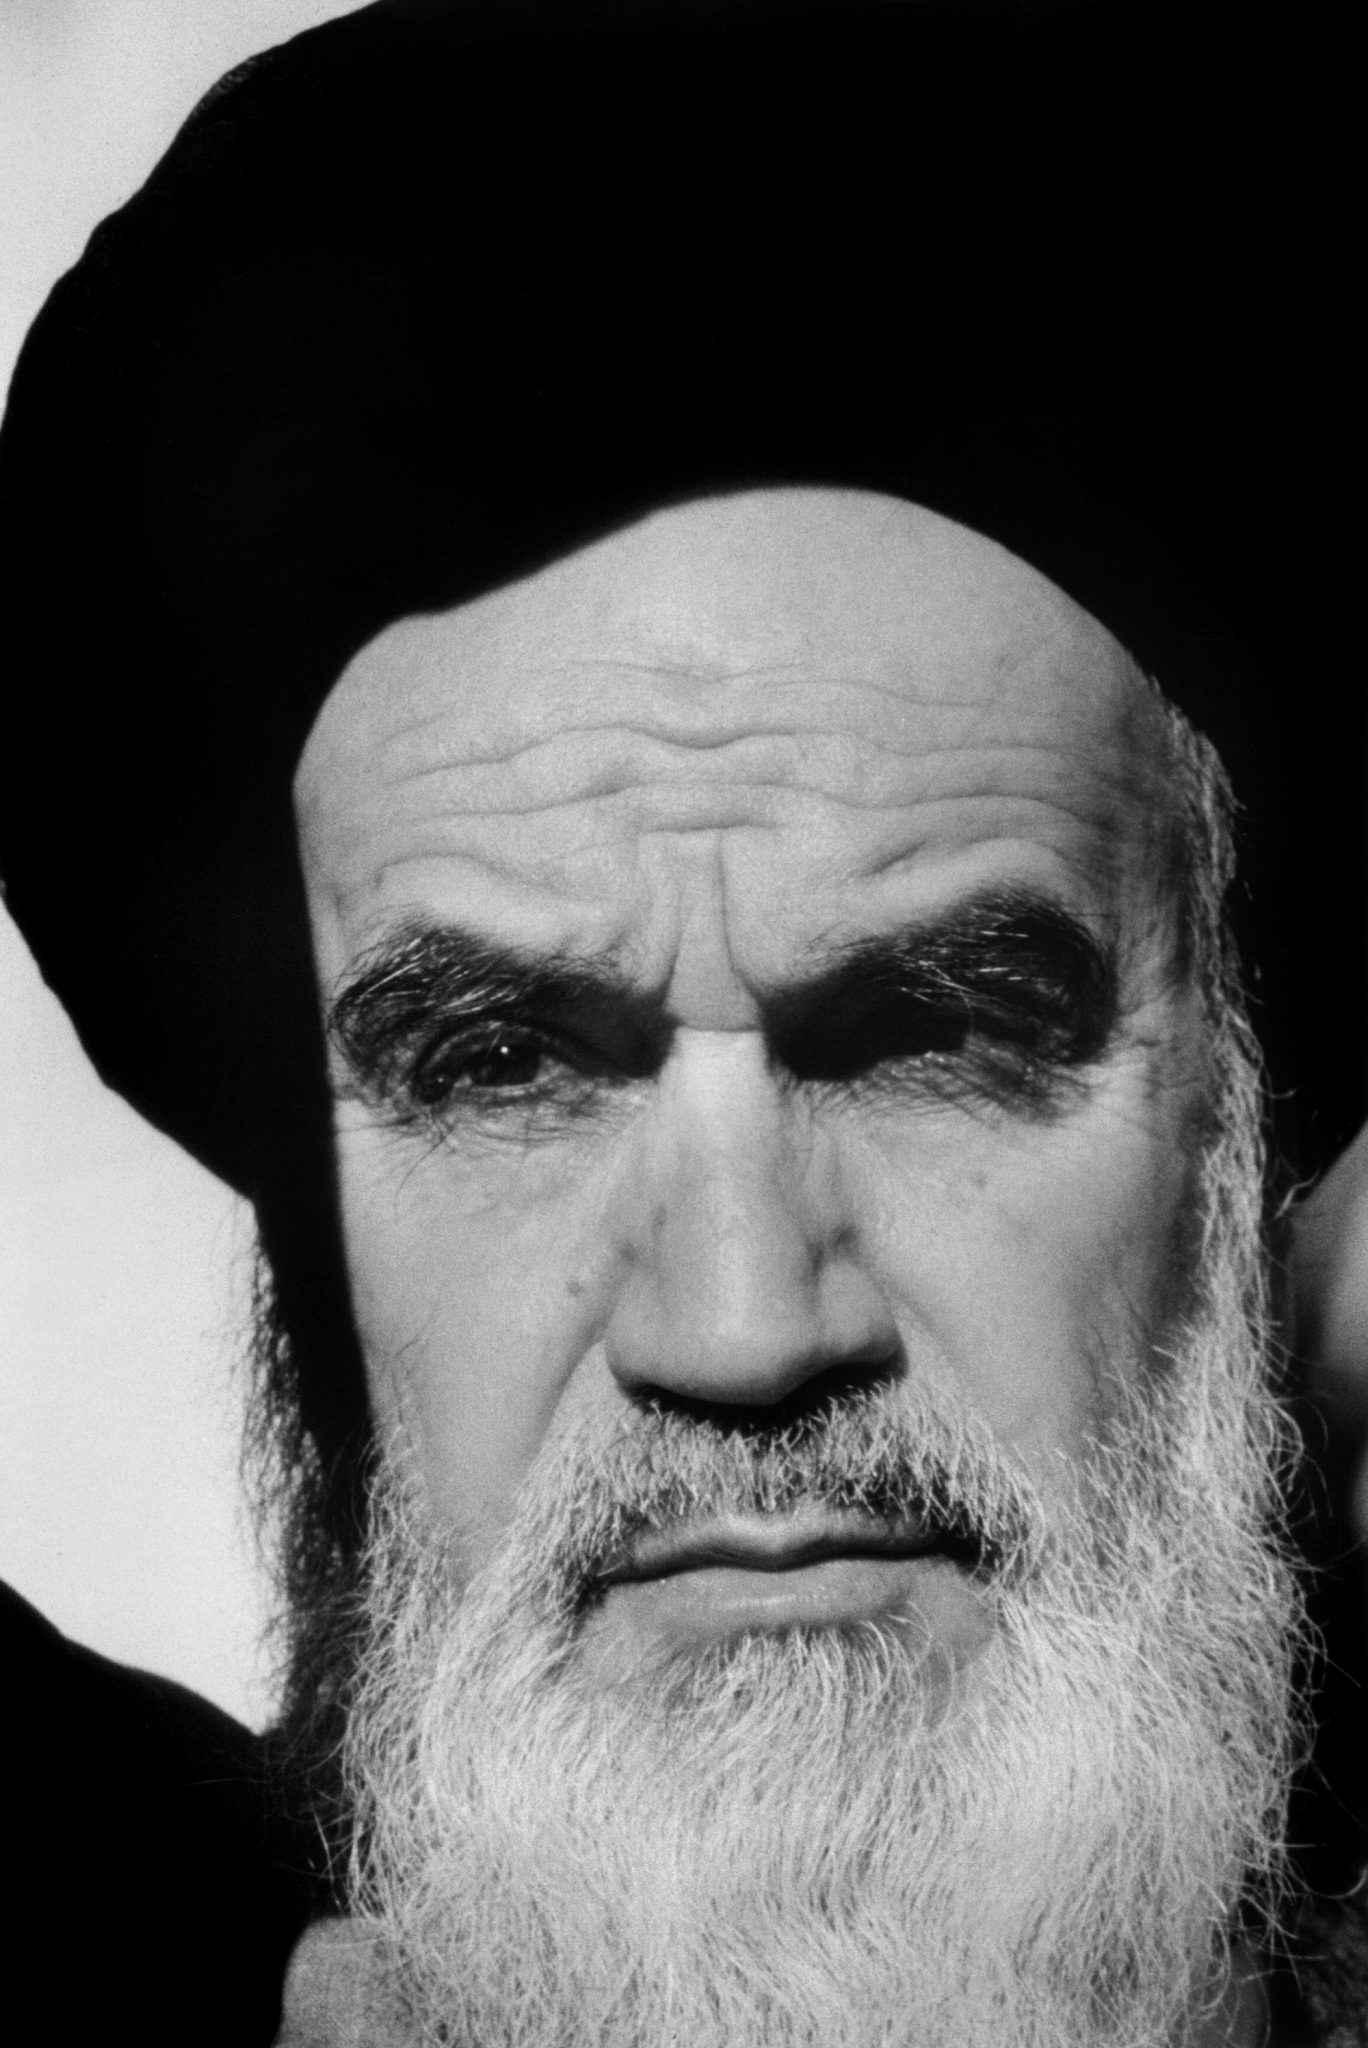 0098 - شهروندِ جهان (عباس عطار ۱۳۲۳-۱۳۹۷) - مگنوم, عکس اجتماعی, عباس عطار, شهروند جهان